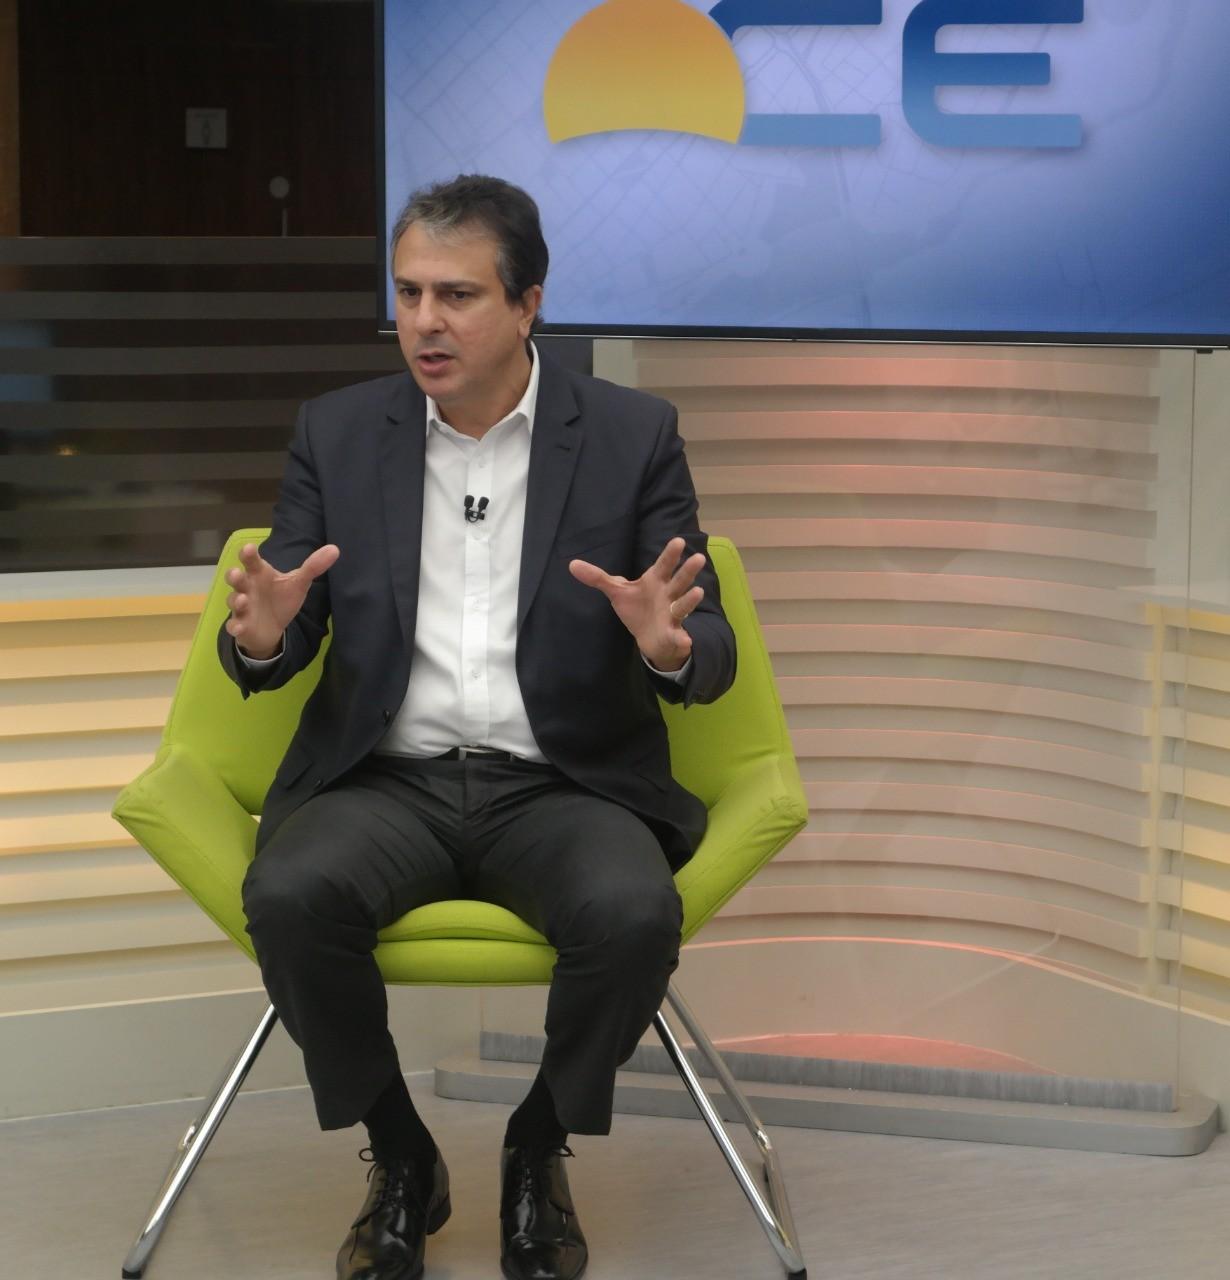 Aulas presenciais em escolas estaduais do Ceará devem retornar em fevereiro, diz Camilo Santana